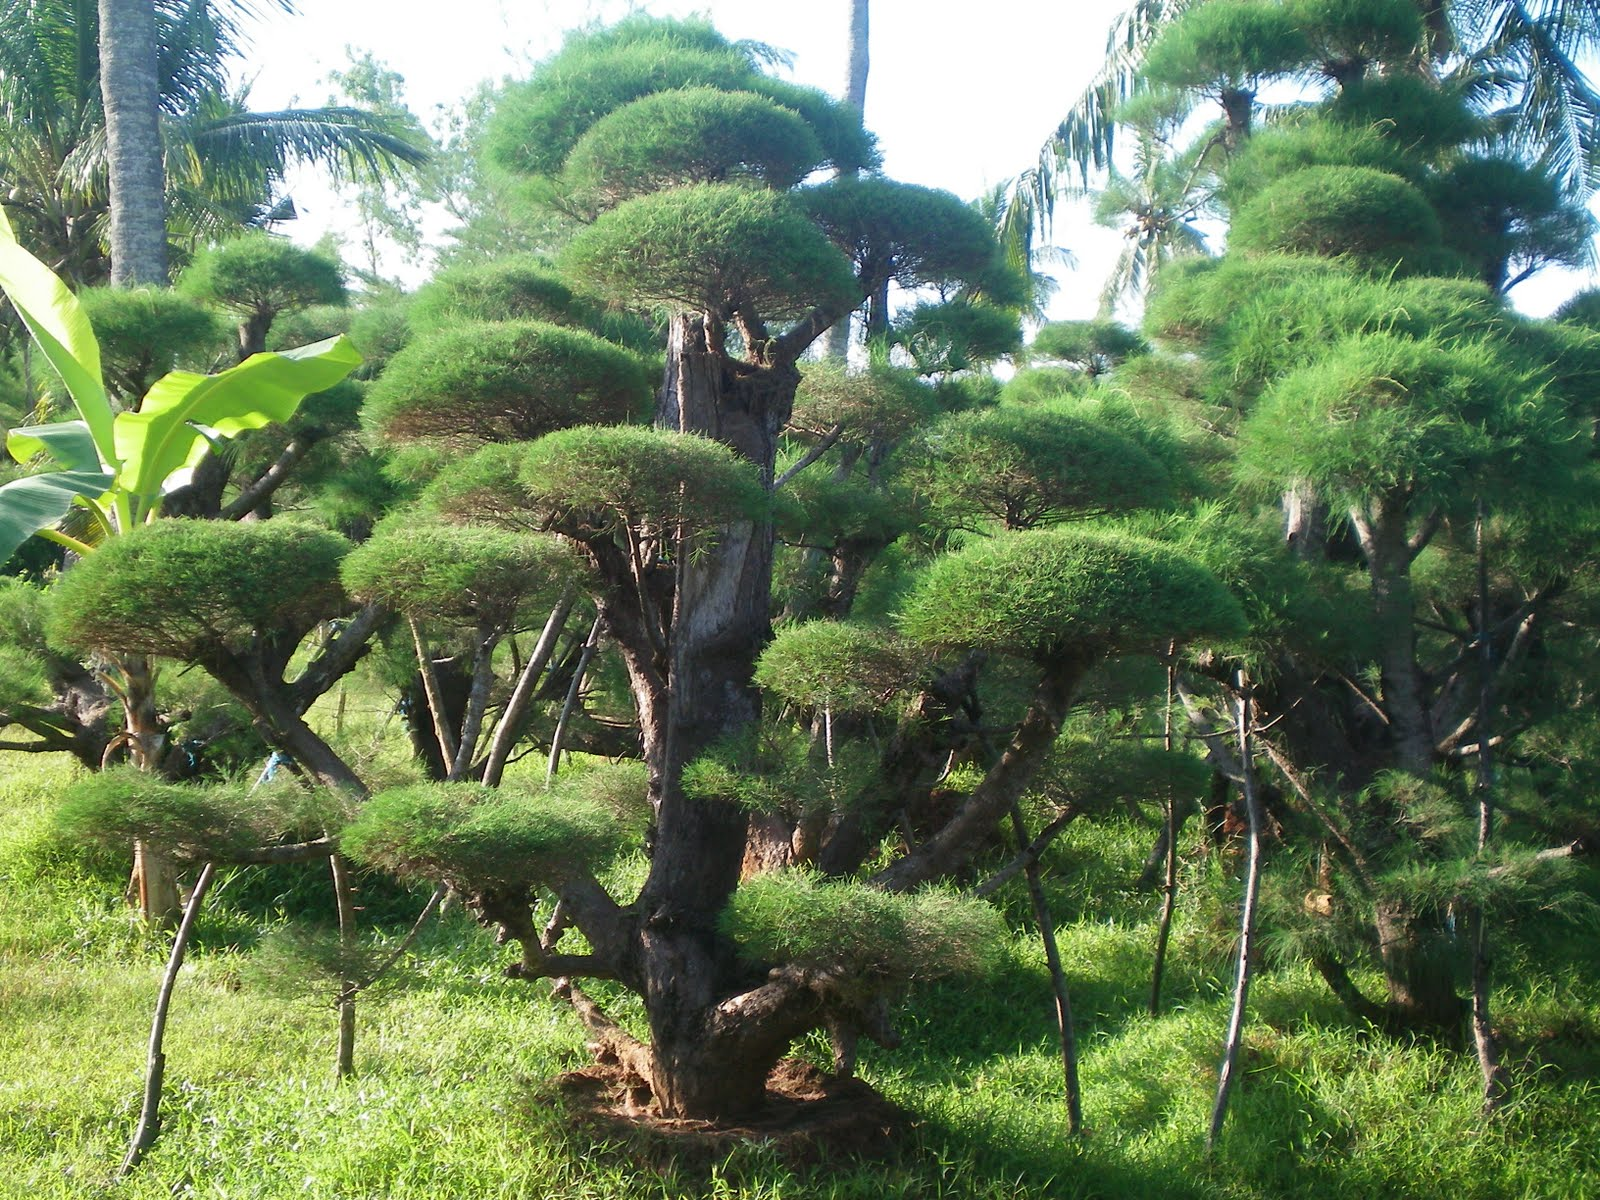 Jual Pohon Cemara Udang Bonsai Harga Cemara Udang Murah Tukang